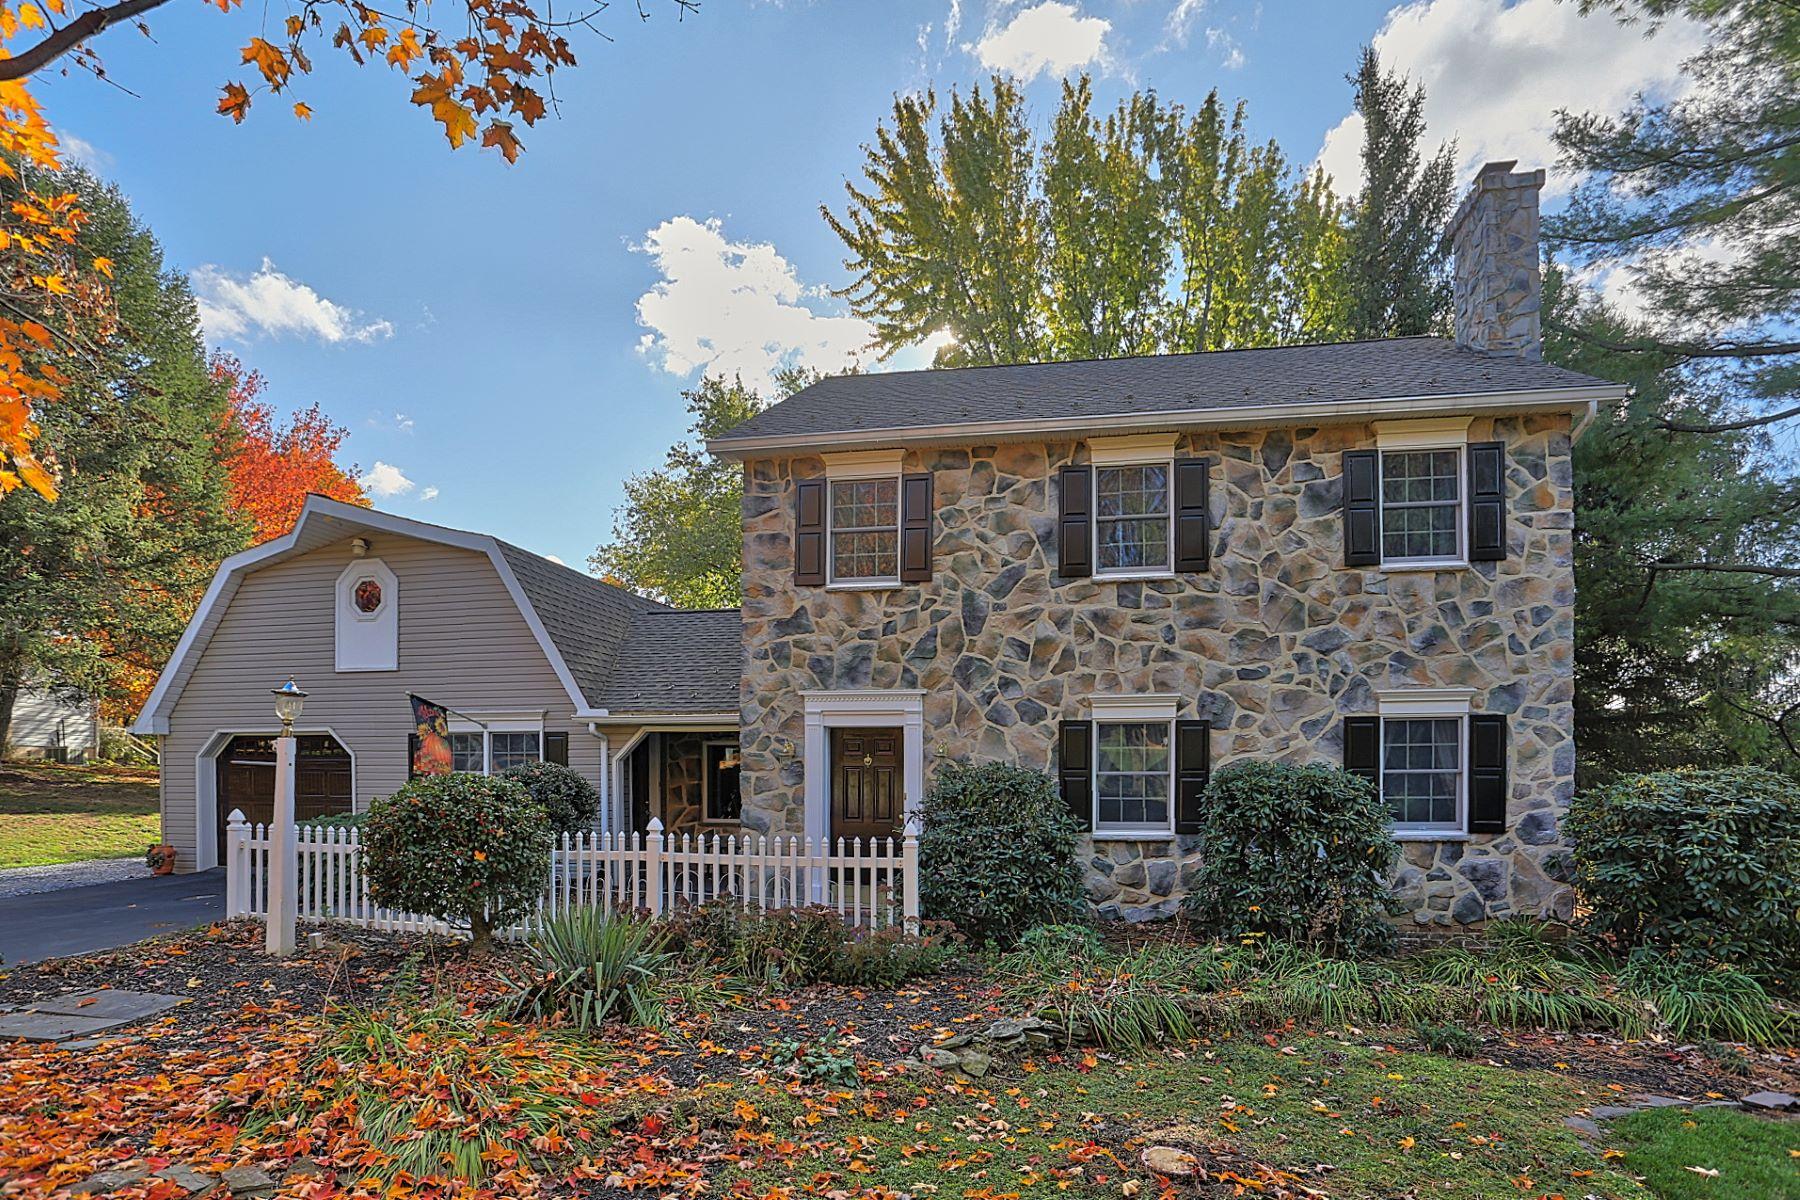 Частный односемейный дом для того Продажа на 641 Bedington Circle Manheim, 17545 Соединенные Штаты